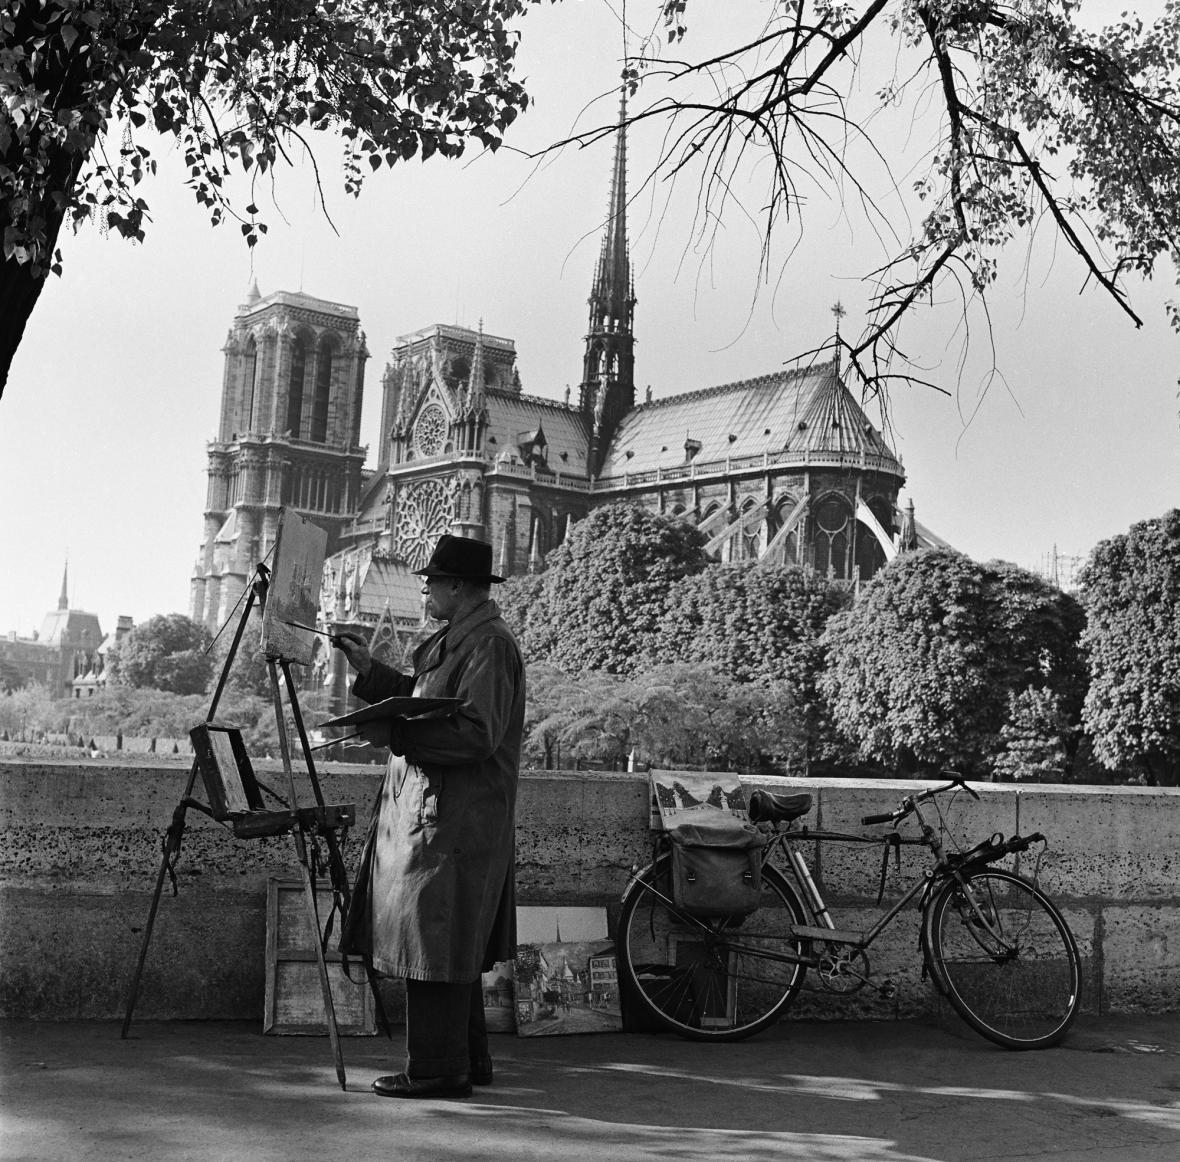 Malíř před katedrálou - rok 1959